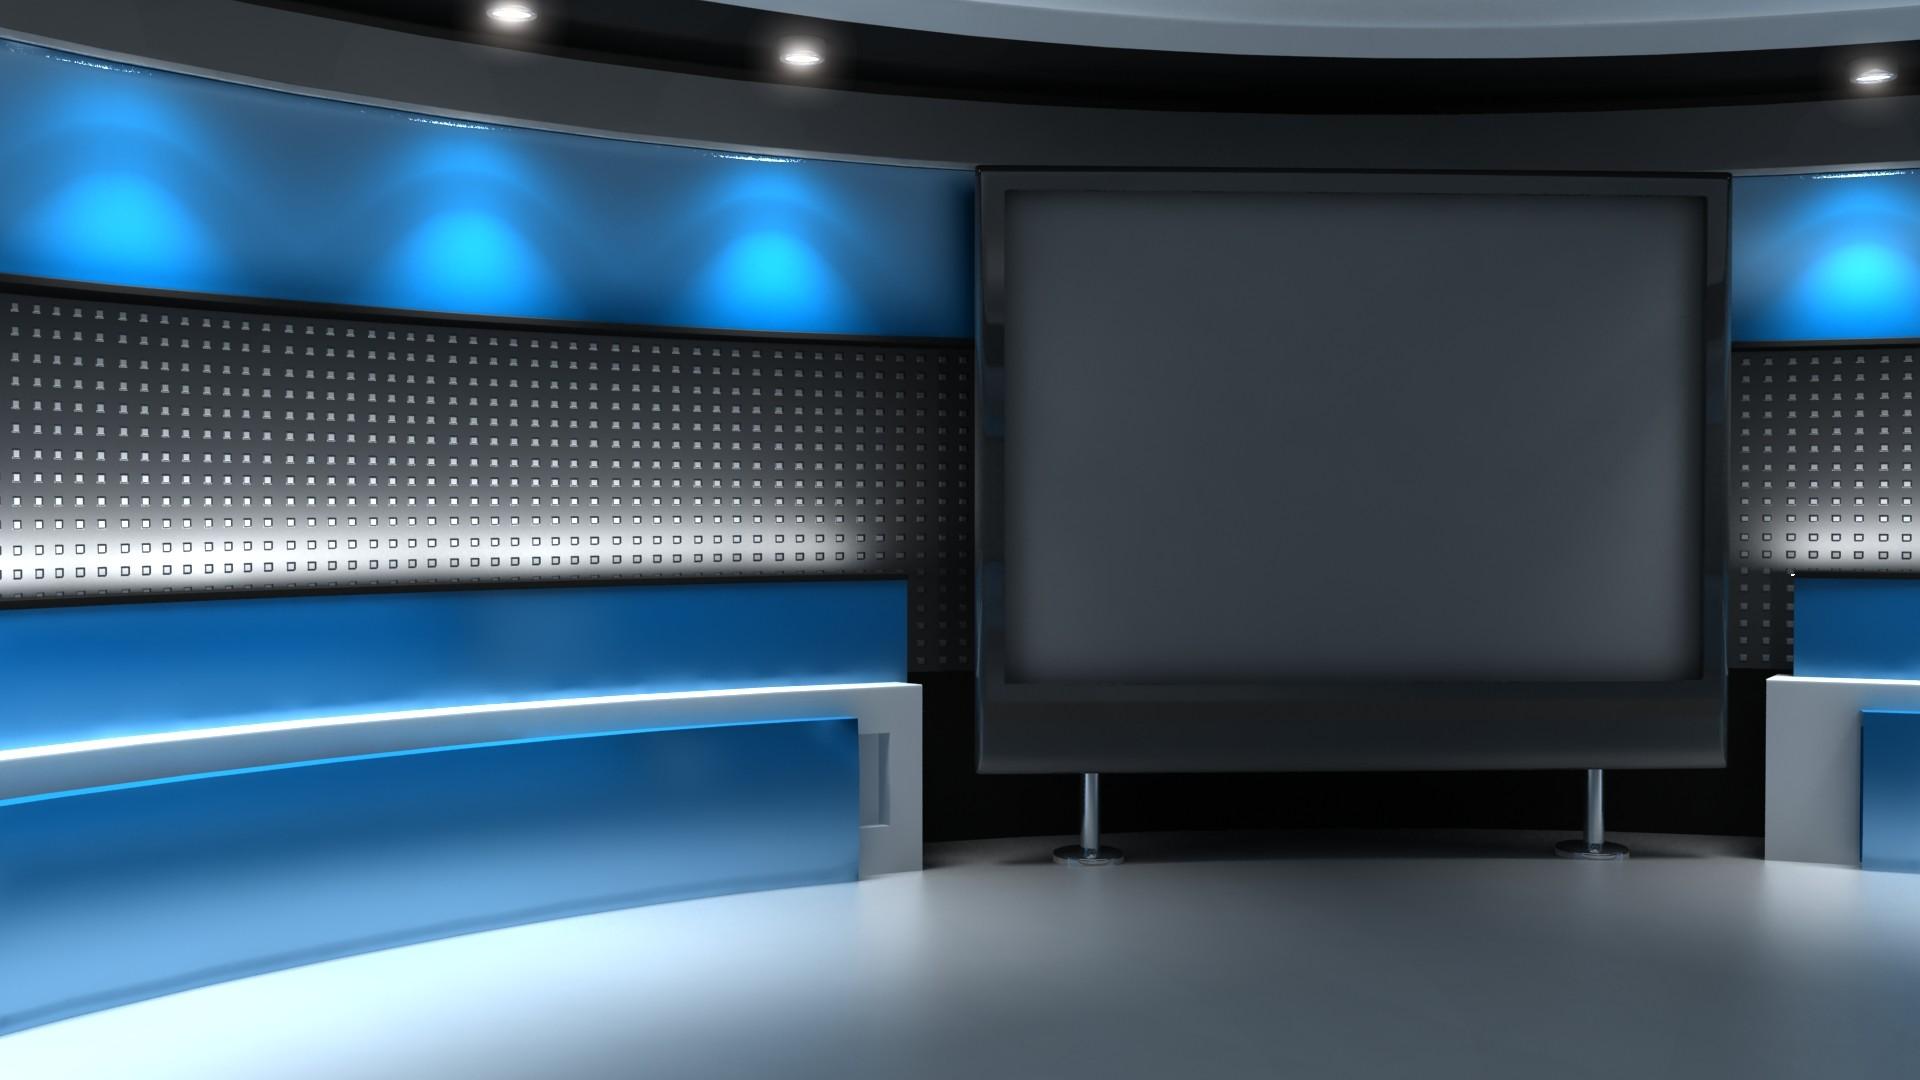 Studio Backgrounds wallpaper 162121